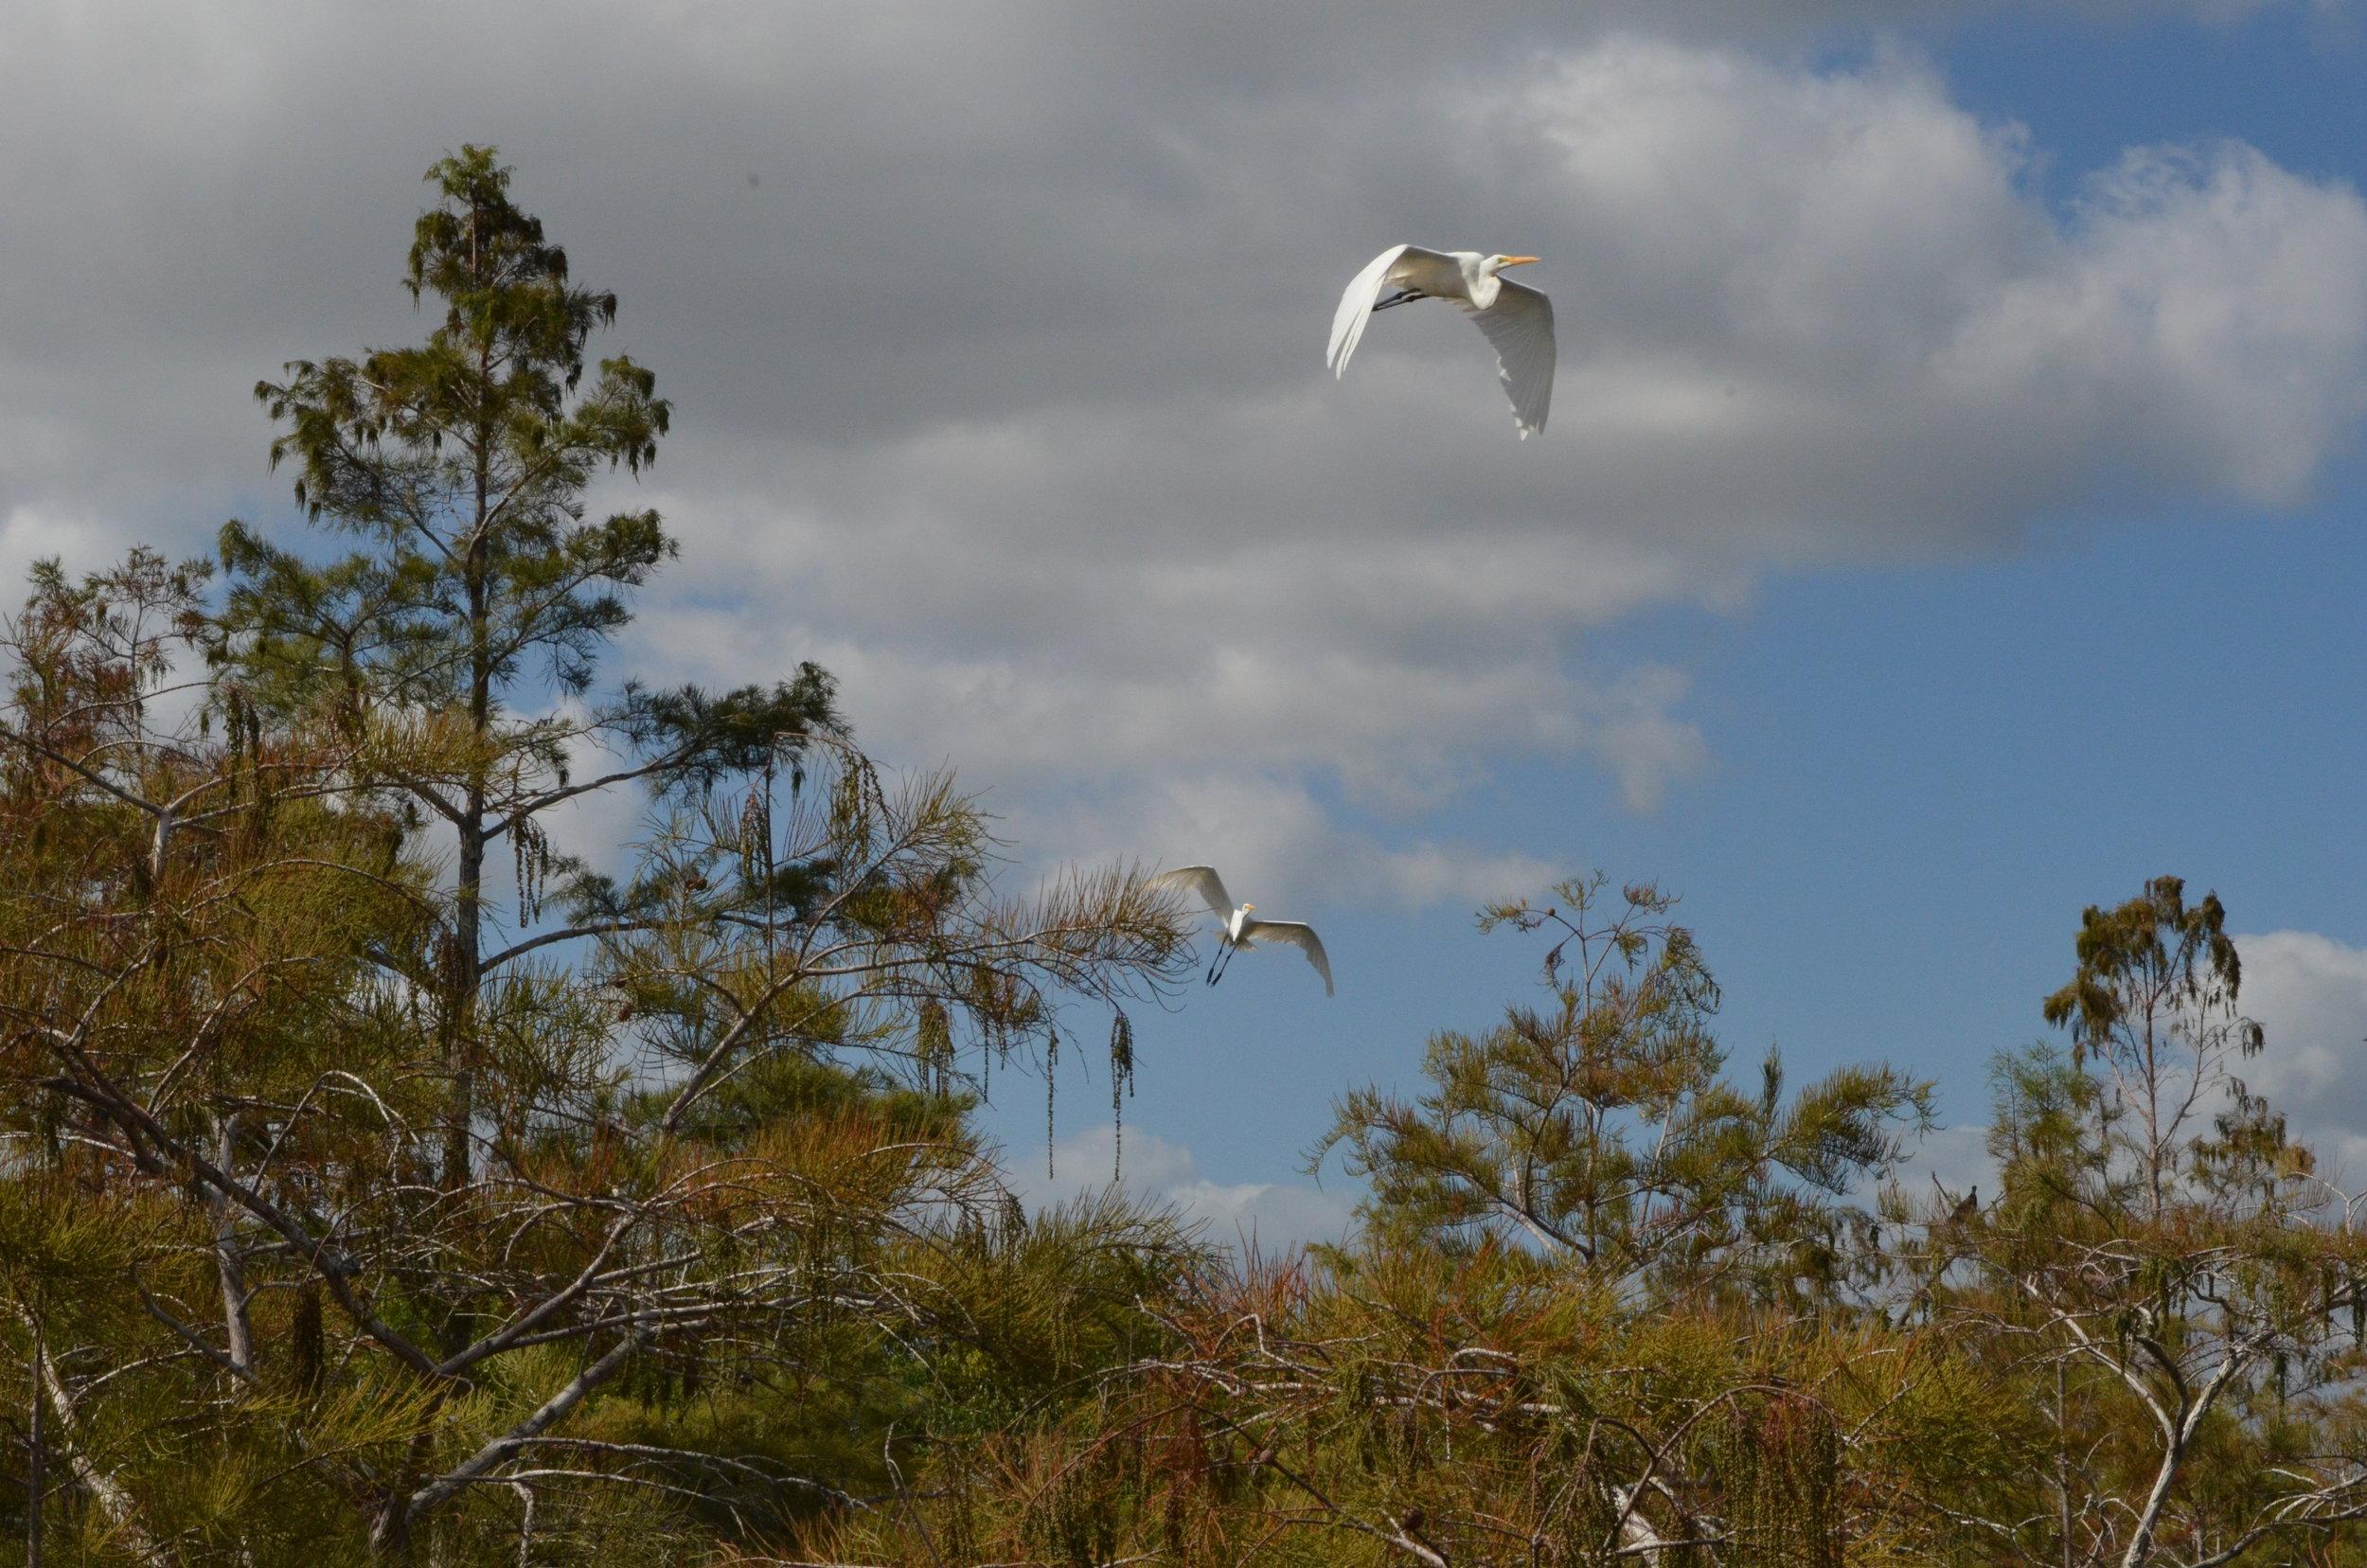 Great Heron among the Bald Cypress Trees